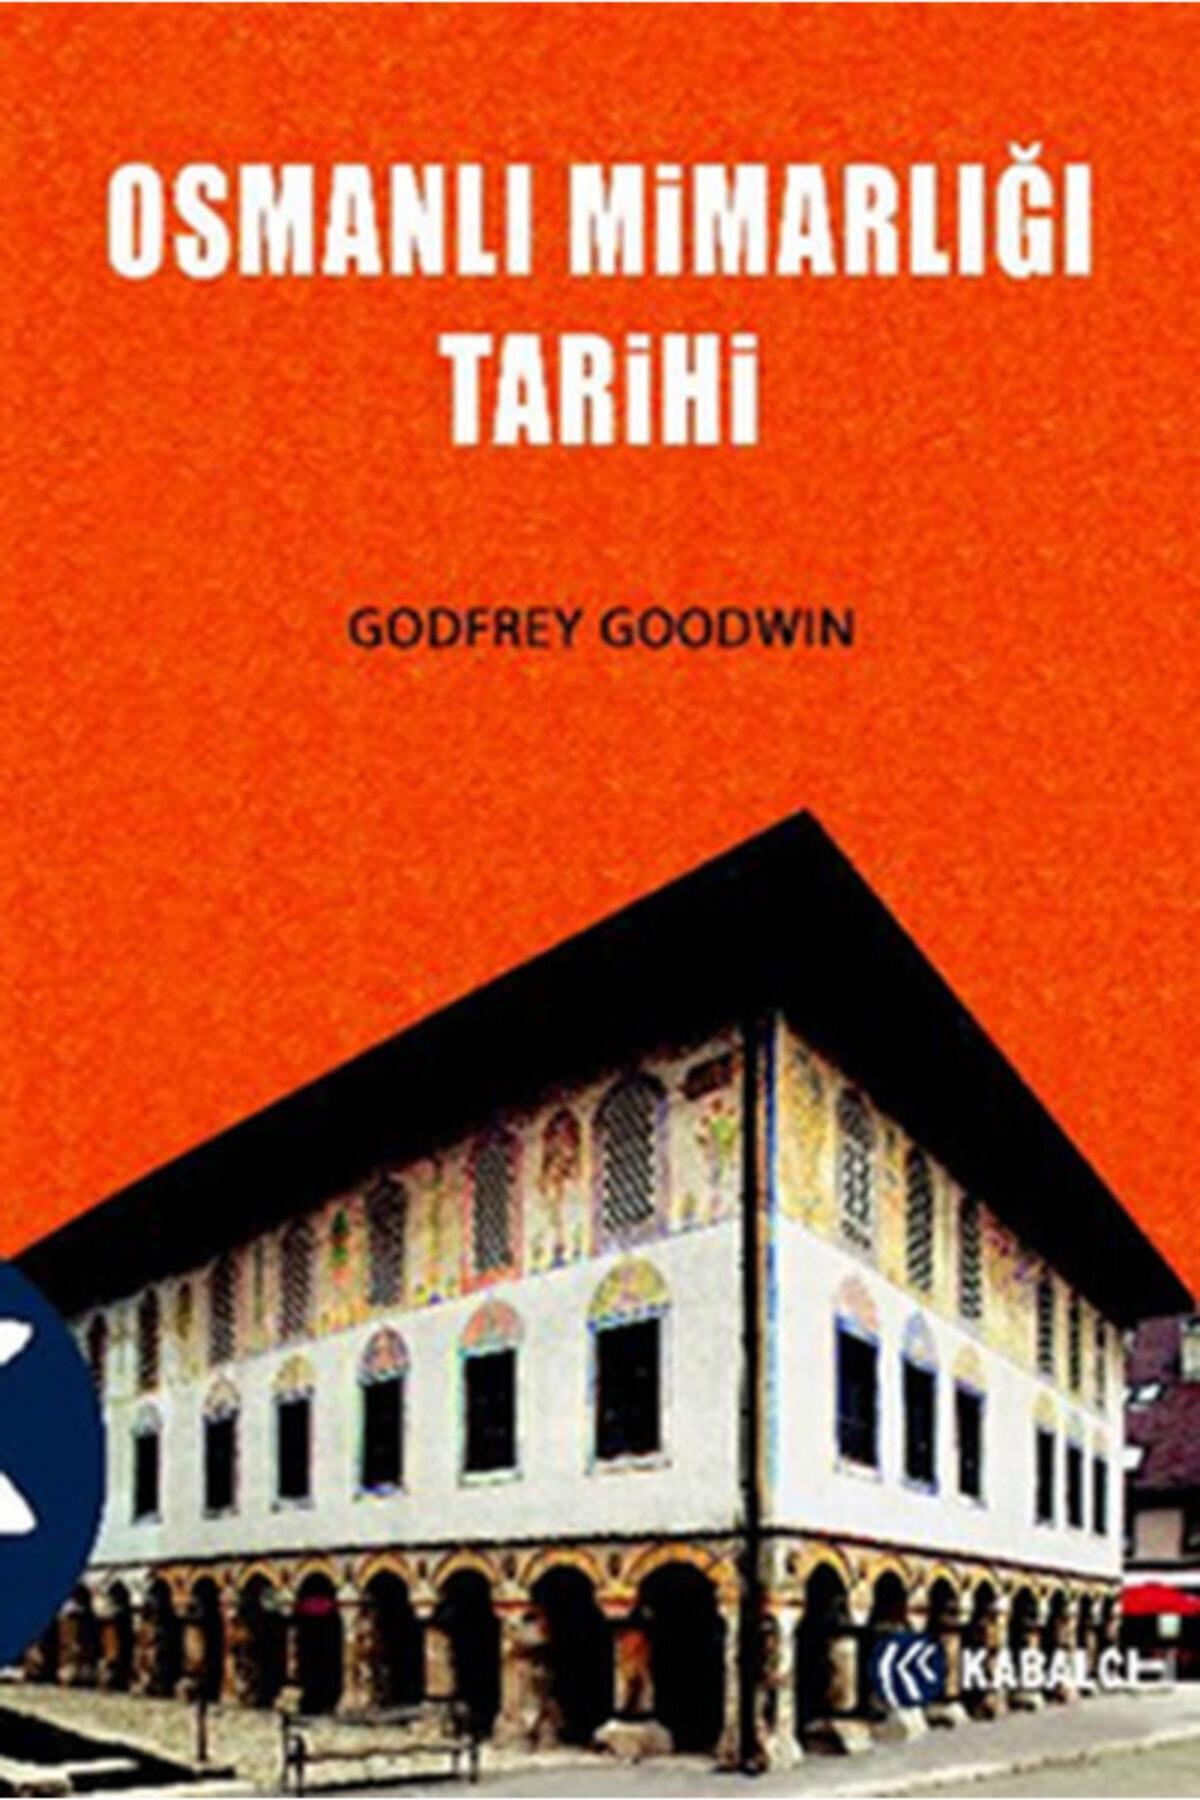 İthaki Yayınları Osmanlı Mimarlığı Tarihi Godfrey Goodwin 1